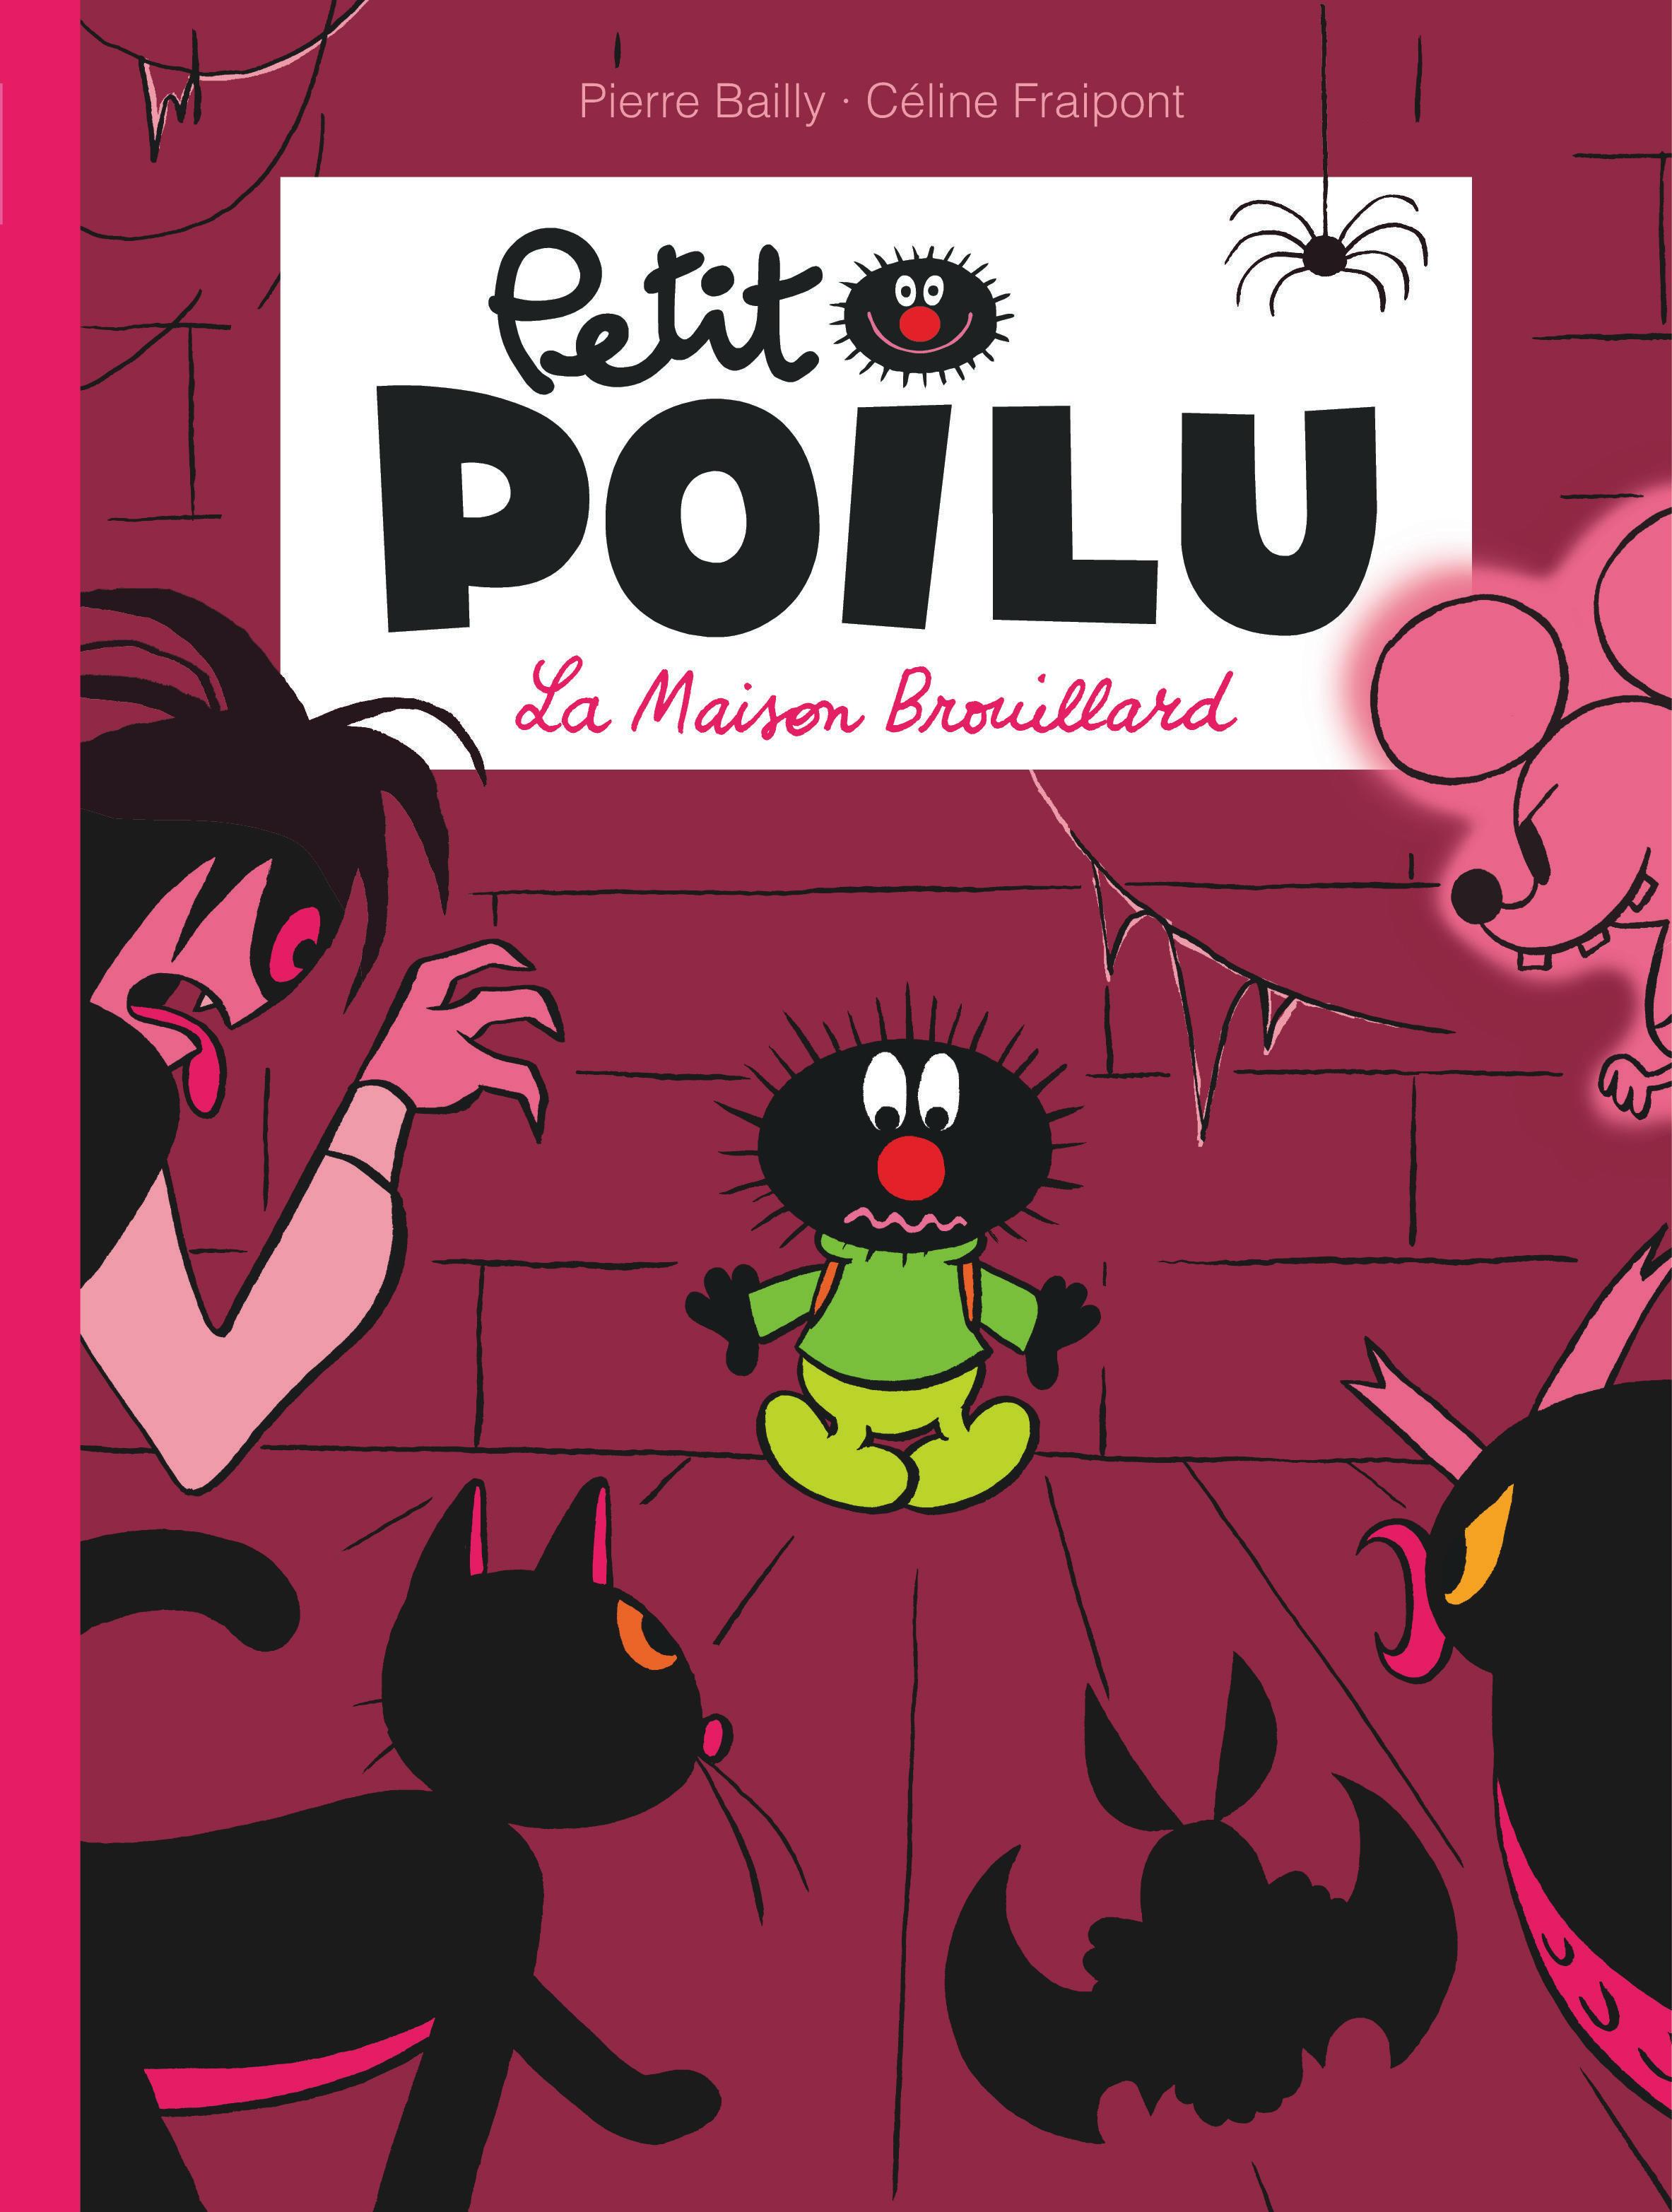 PETIT POILU - TOME 2 - LA MAISON BROUILLARD (NOUVELLE MAQUETTE)